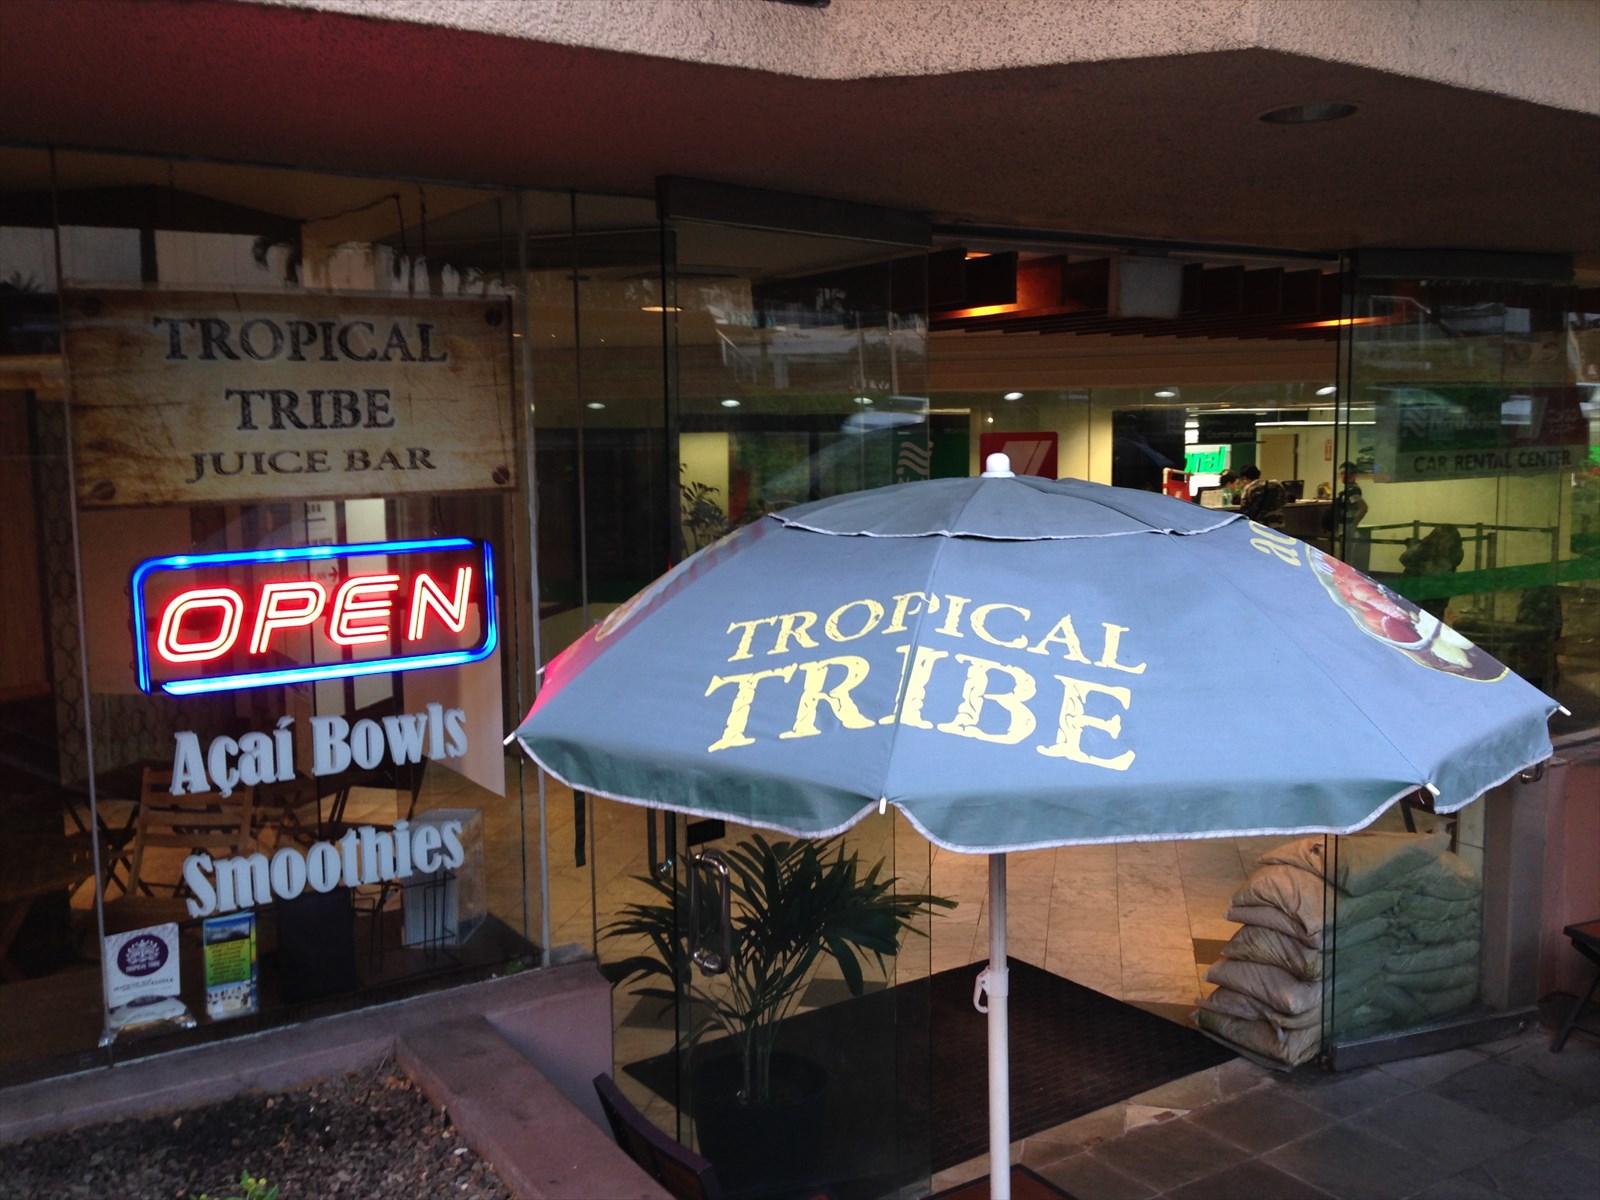 評判ほどでは… Tropical Tribeのアサイボウル